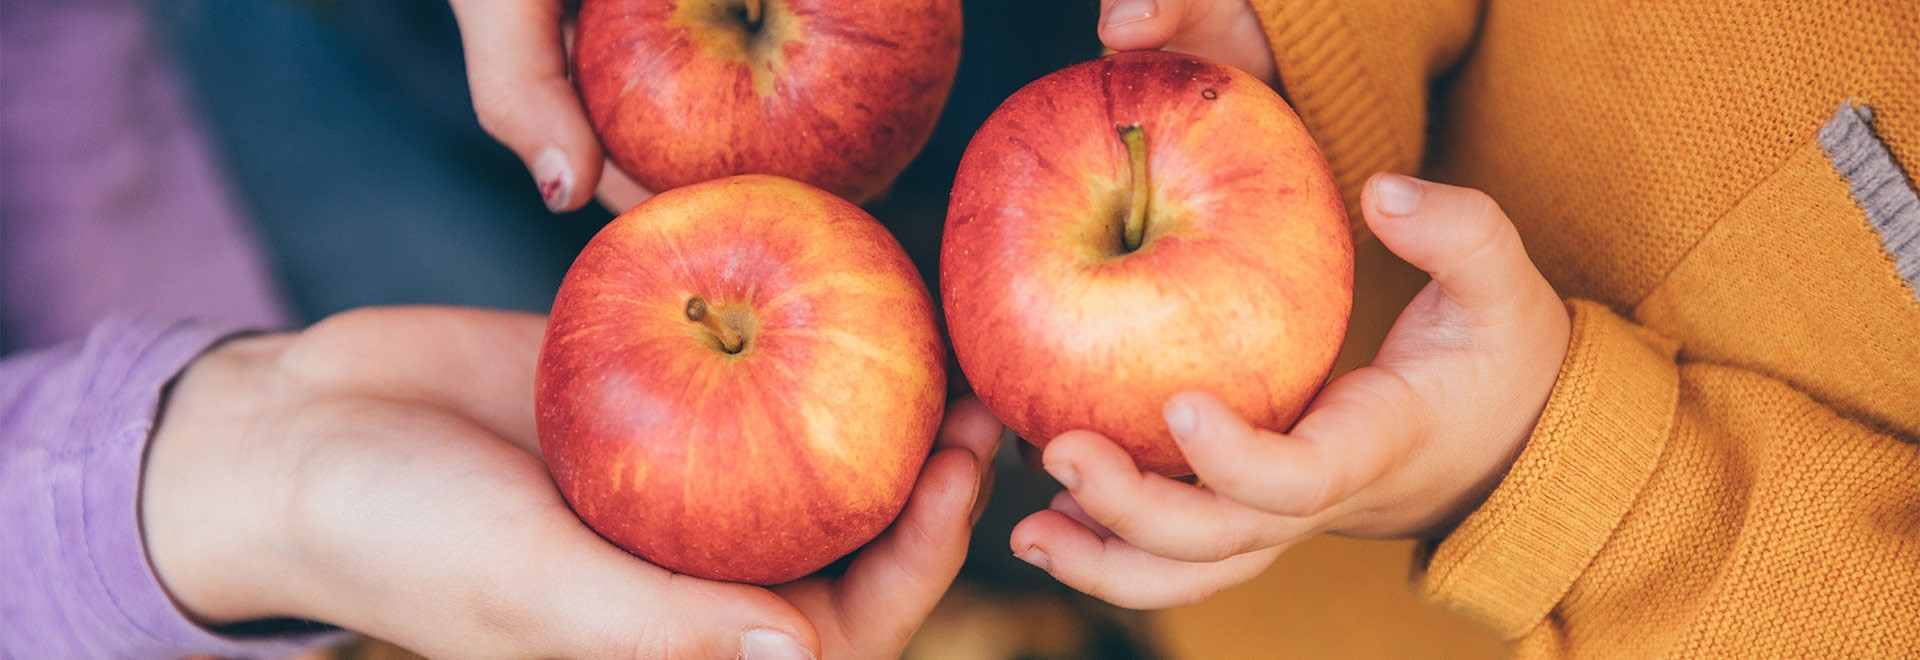 Sélection d'outils pour préparer des mets à base de pommes